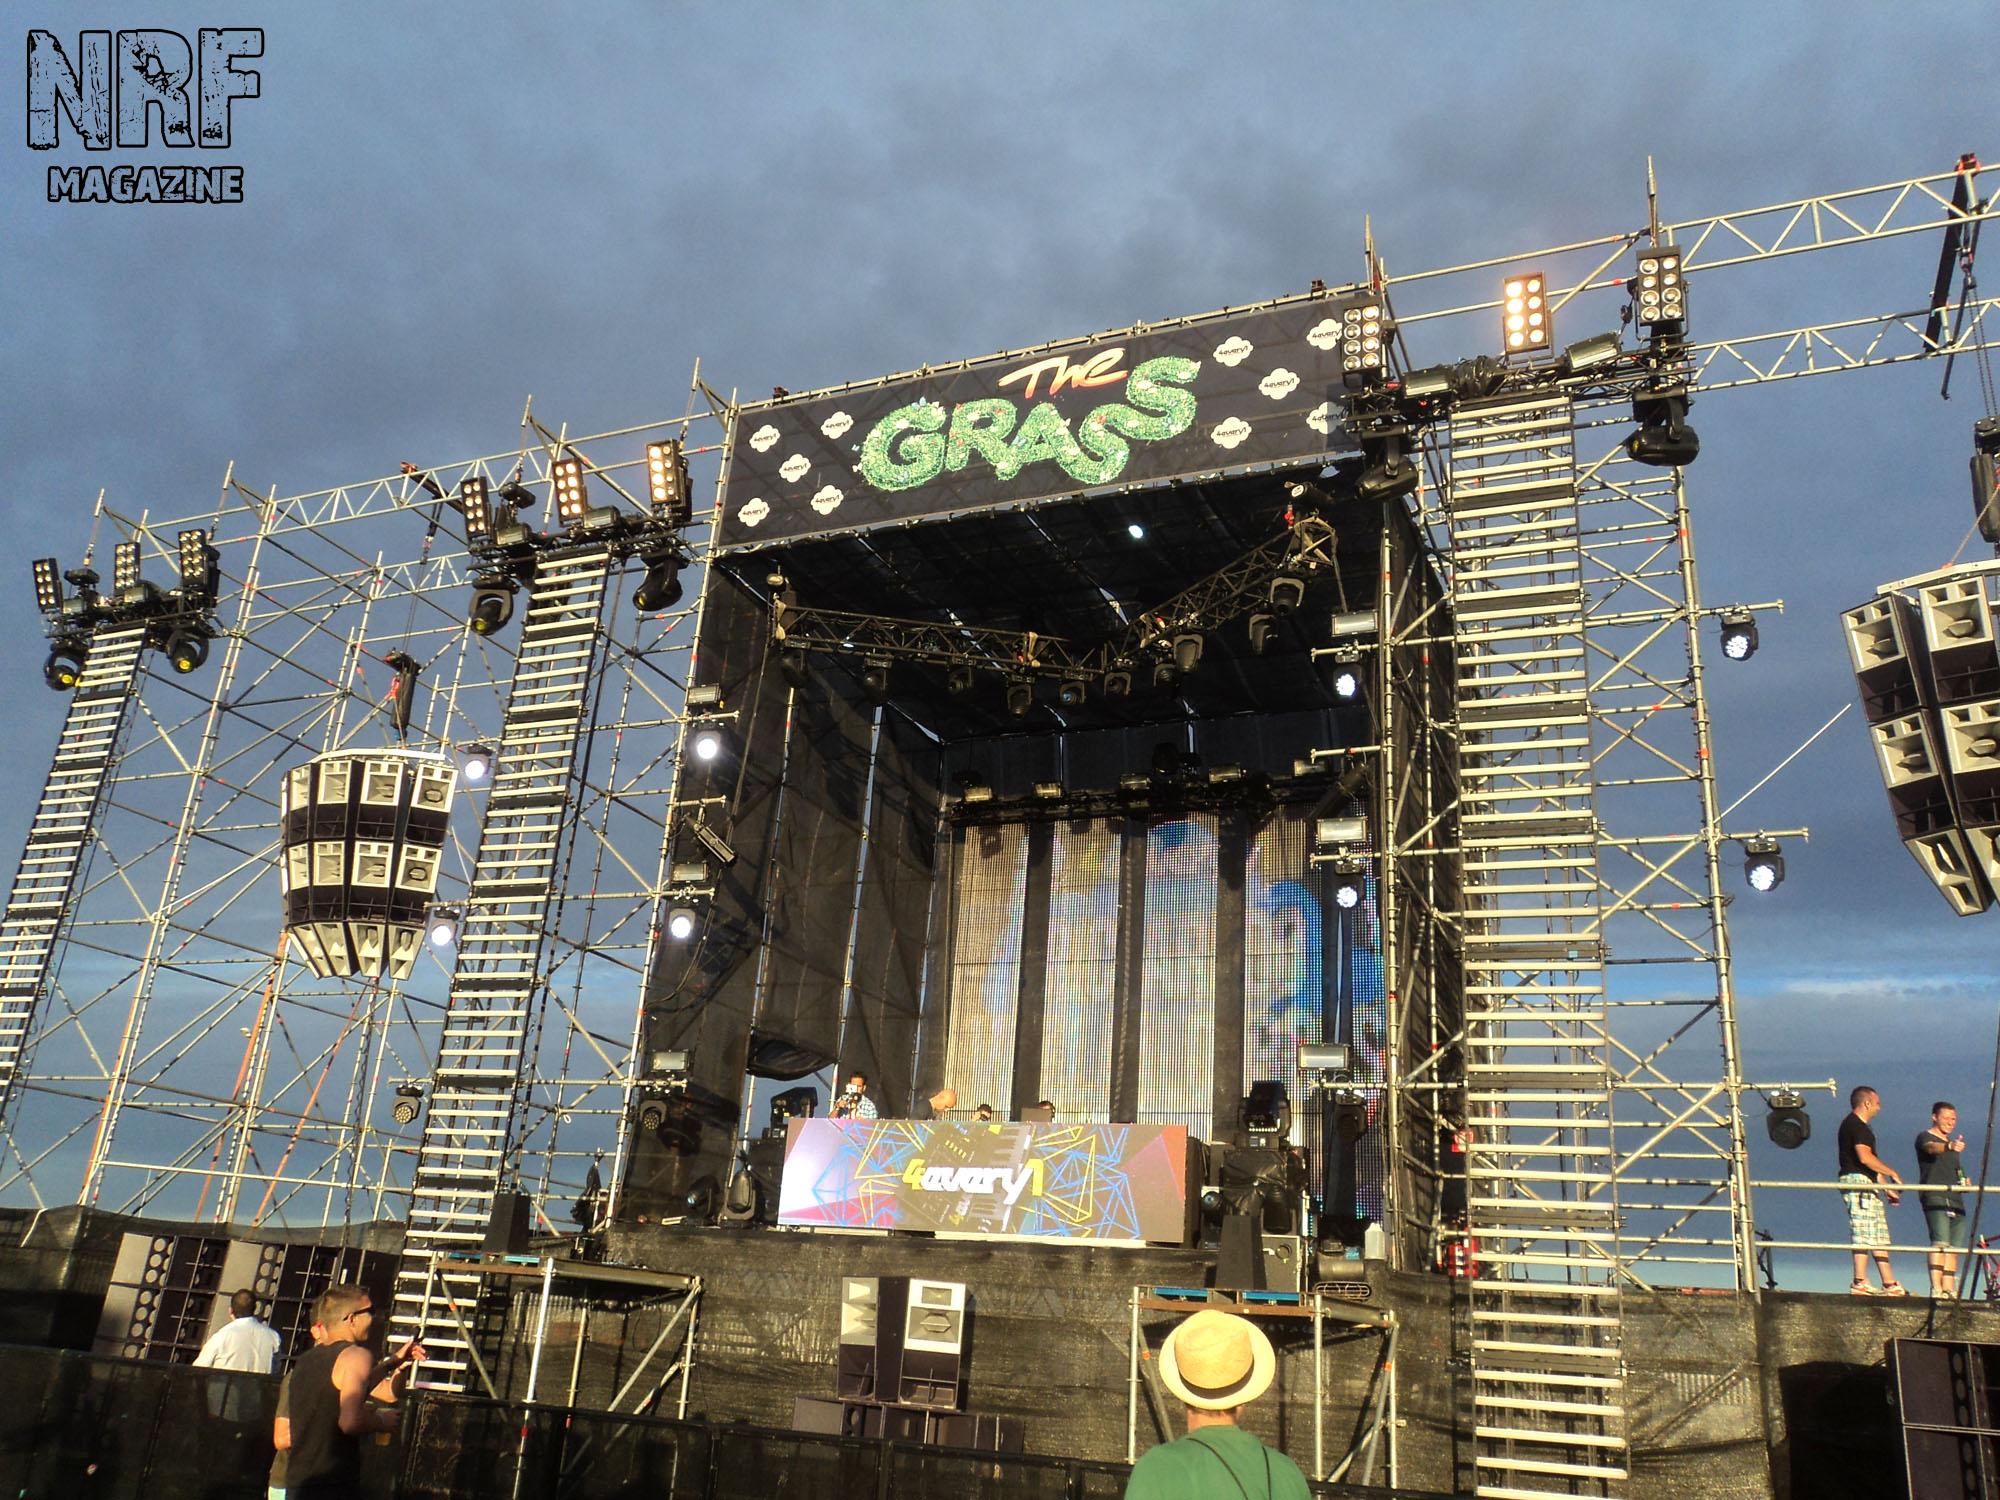 Escenario The Grass 4every1 Festival_NRFmagazine